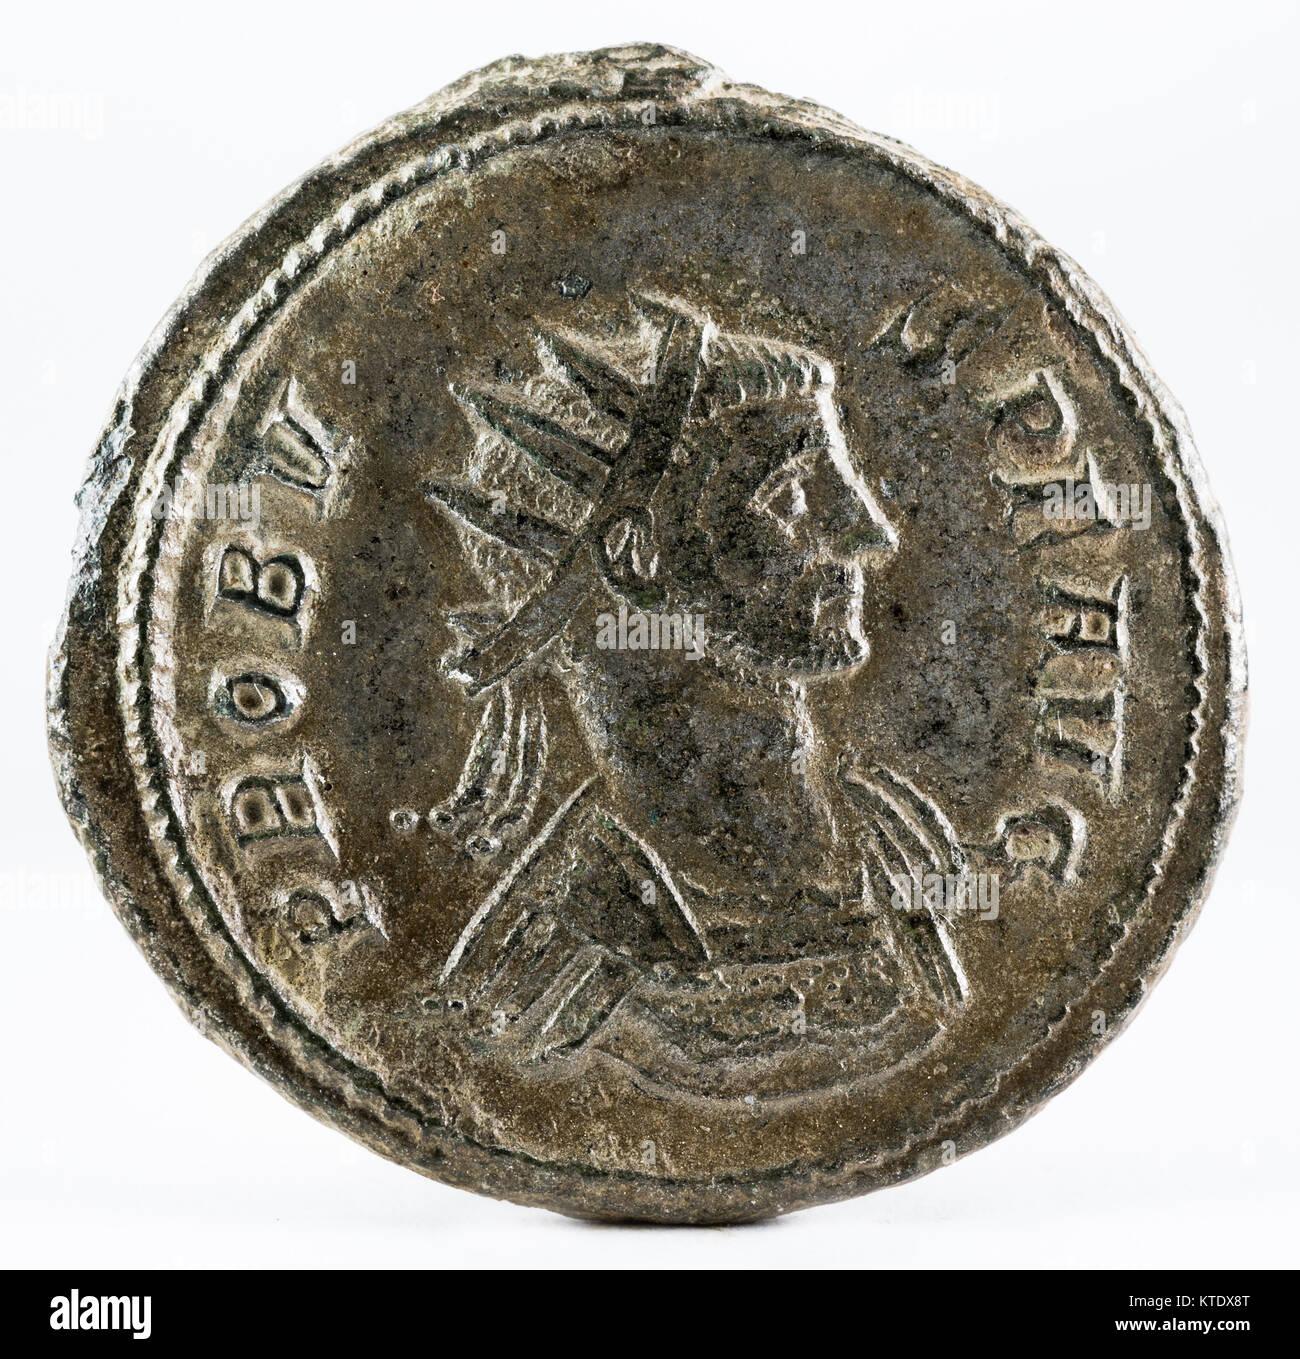 41d65e1ad4 Romana antica moneta di rame dell'Imperatore Probo. Complementare. Immagini  Stock